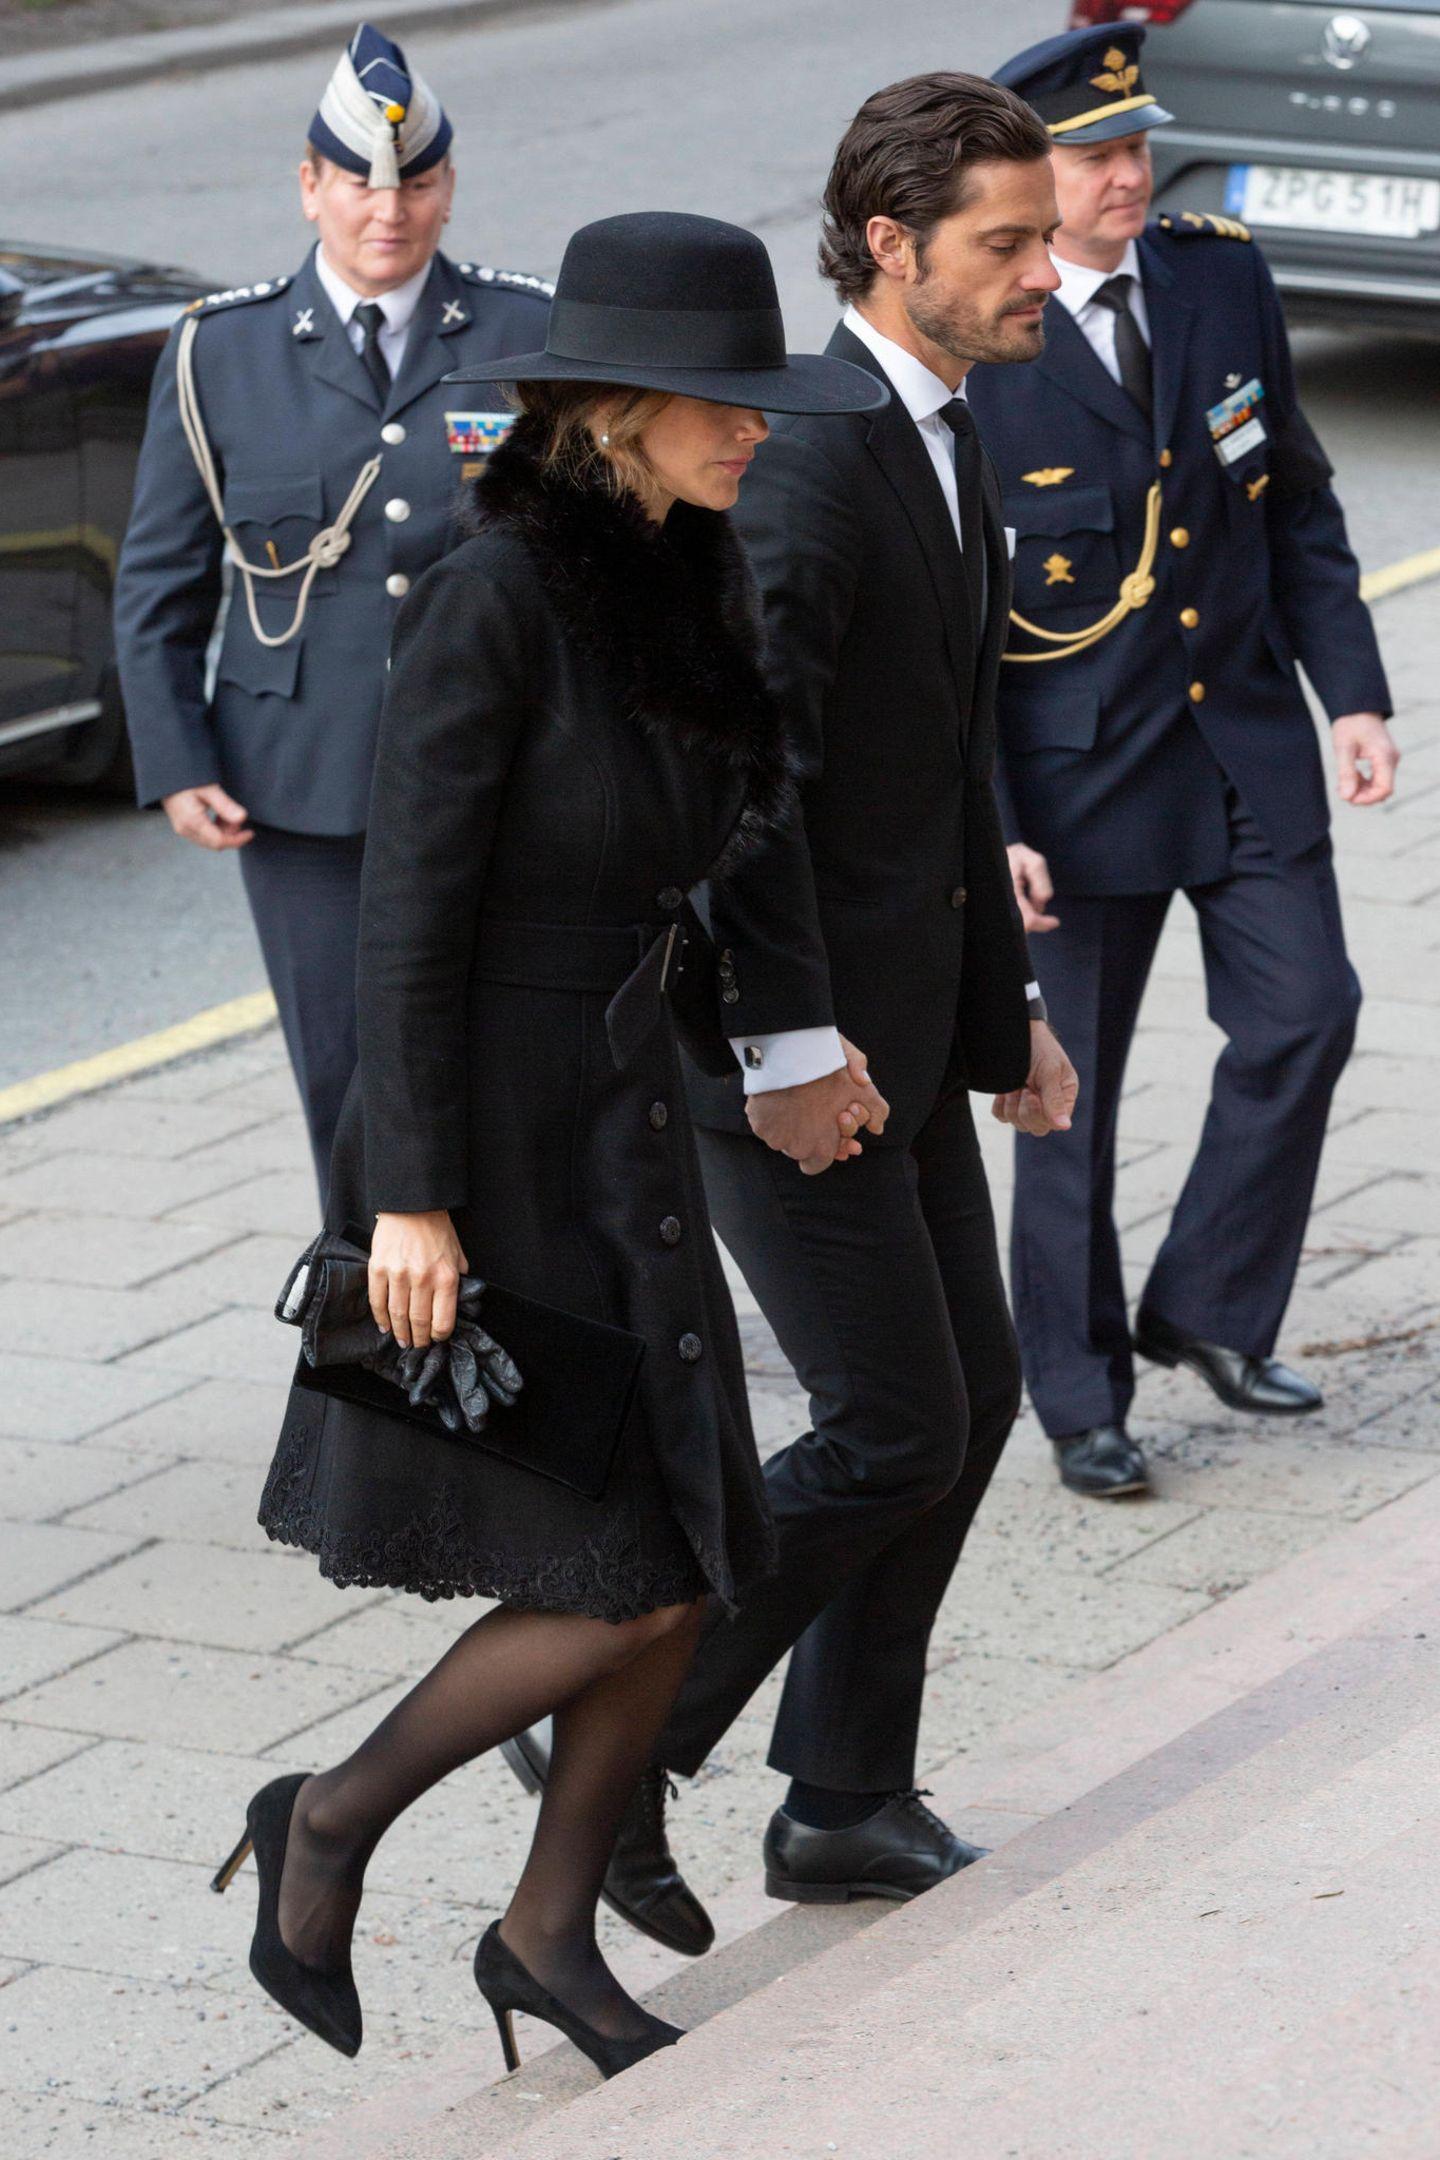 Prinzessin Sofia + Prinz Carl Philip kommen zur Trauerfeier